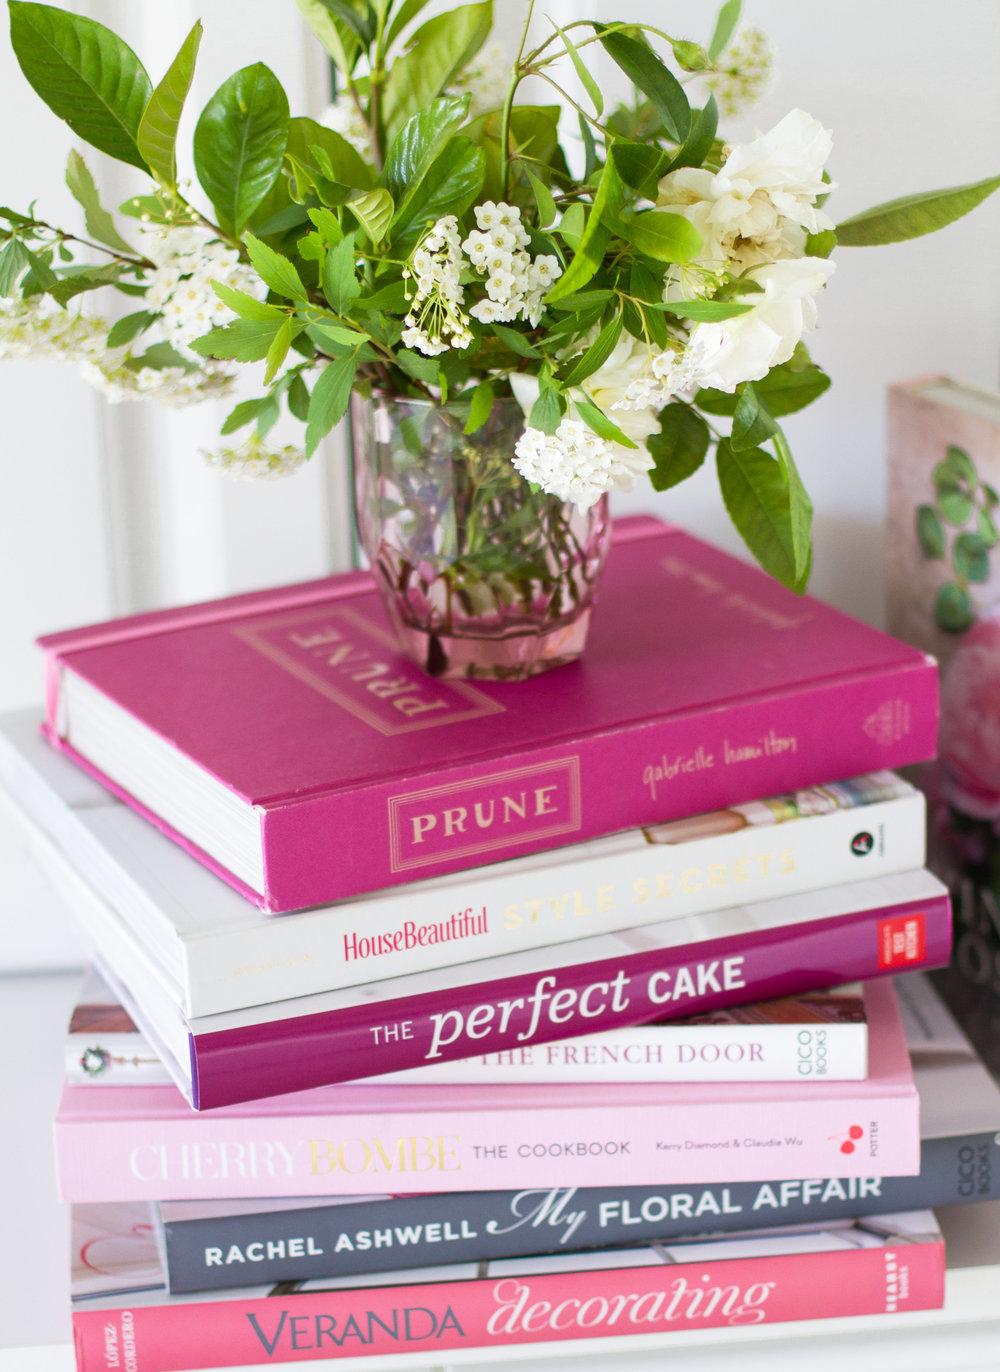 tami faulkner design favorite pink books